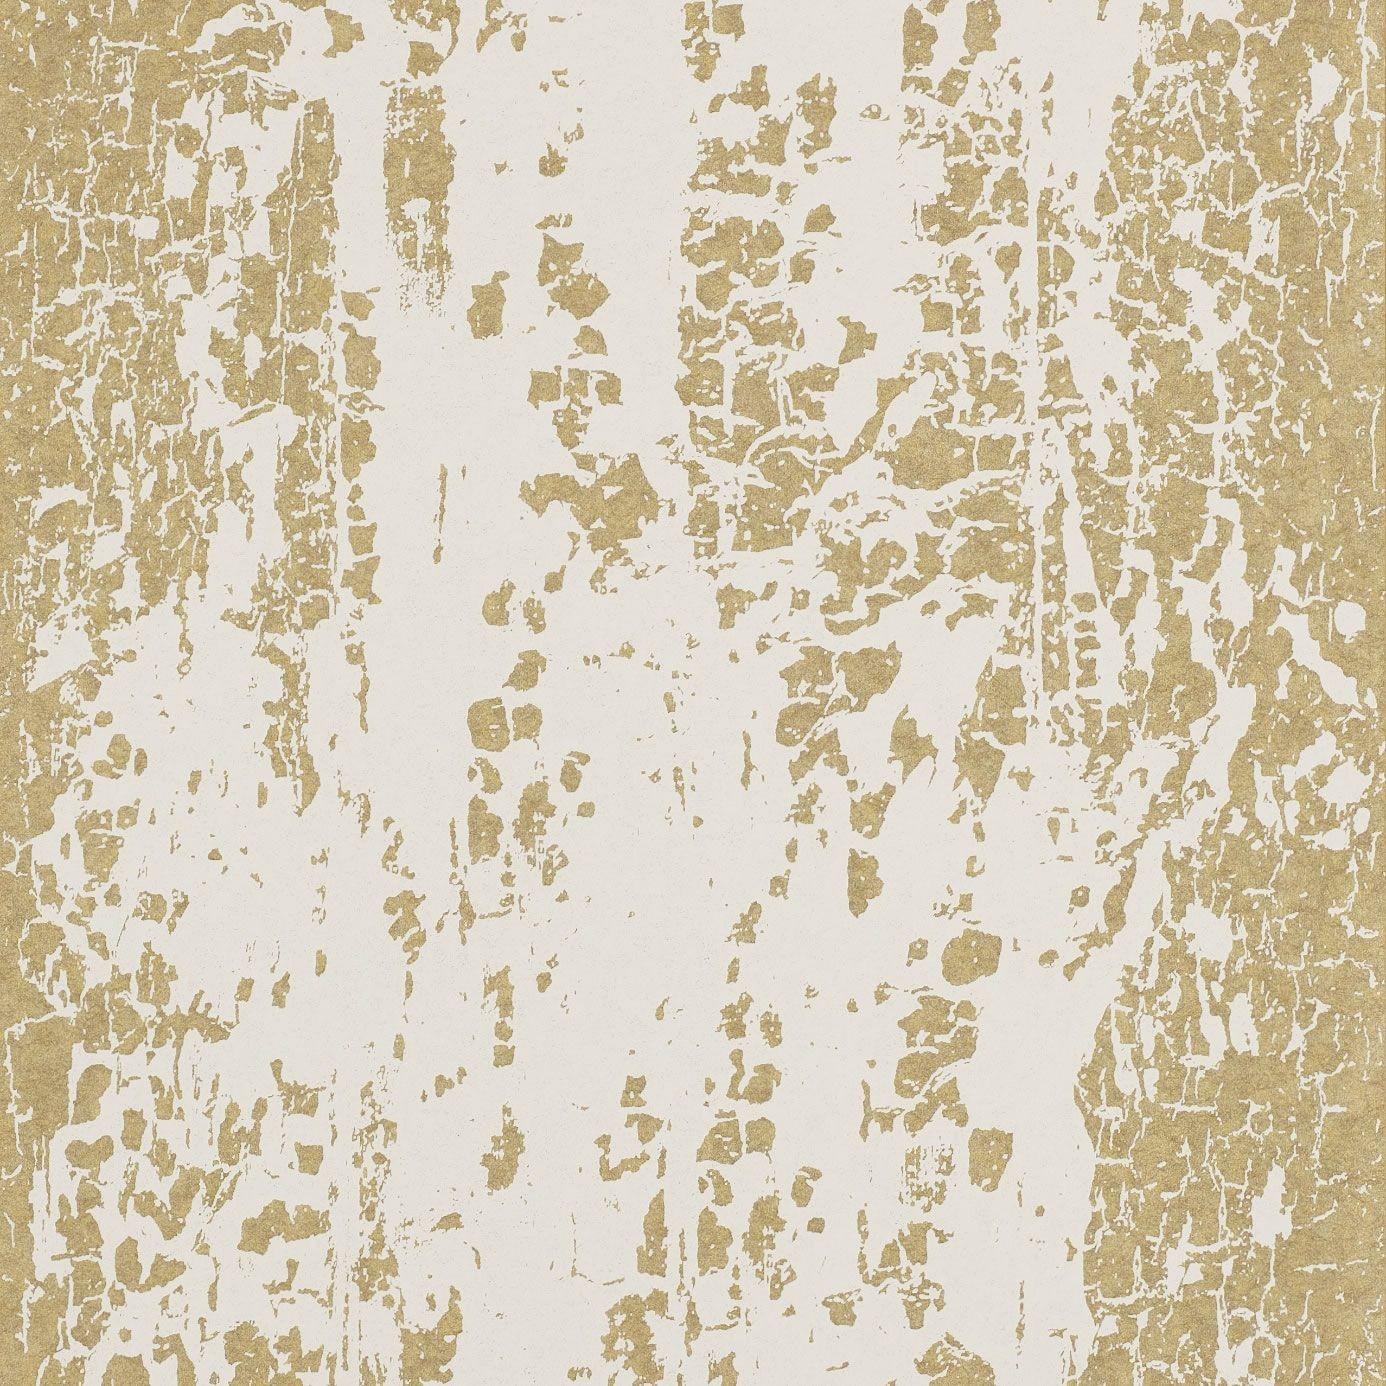 Gold Cream   110622   Eglomise   Leonida   Harlequin Wallpaper 1386x1386